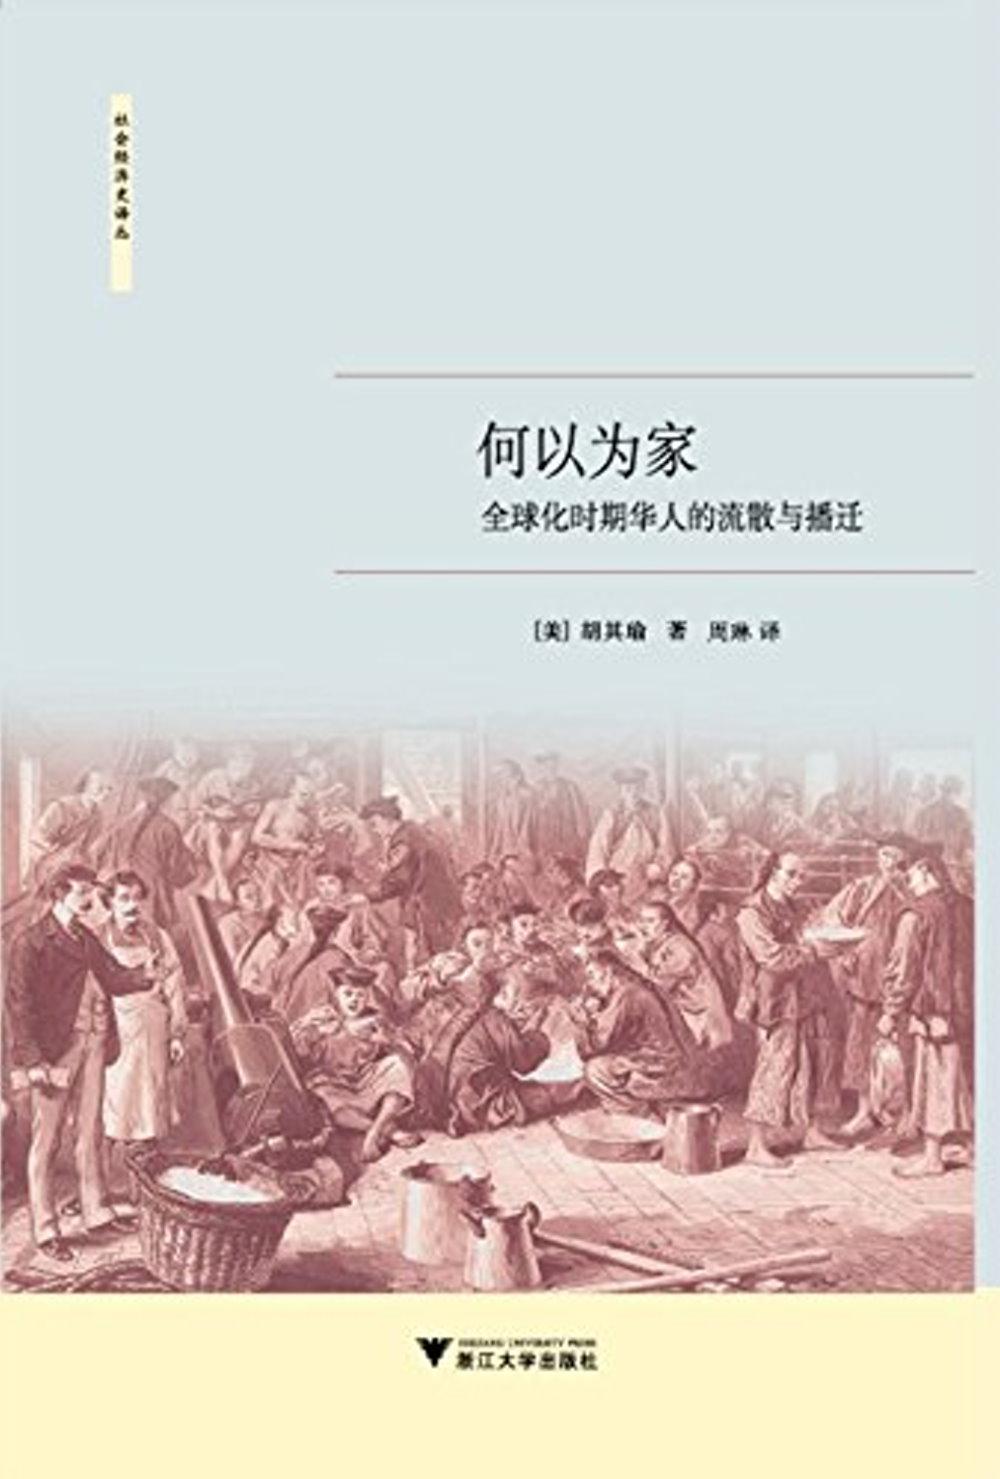 何以為家:全球化時期華人的流散與播遷